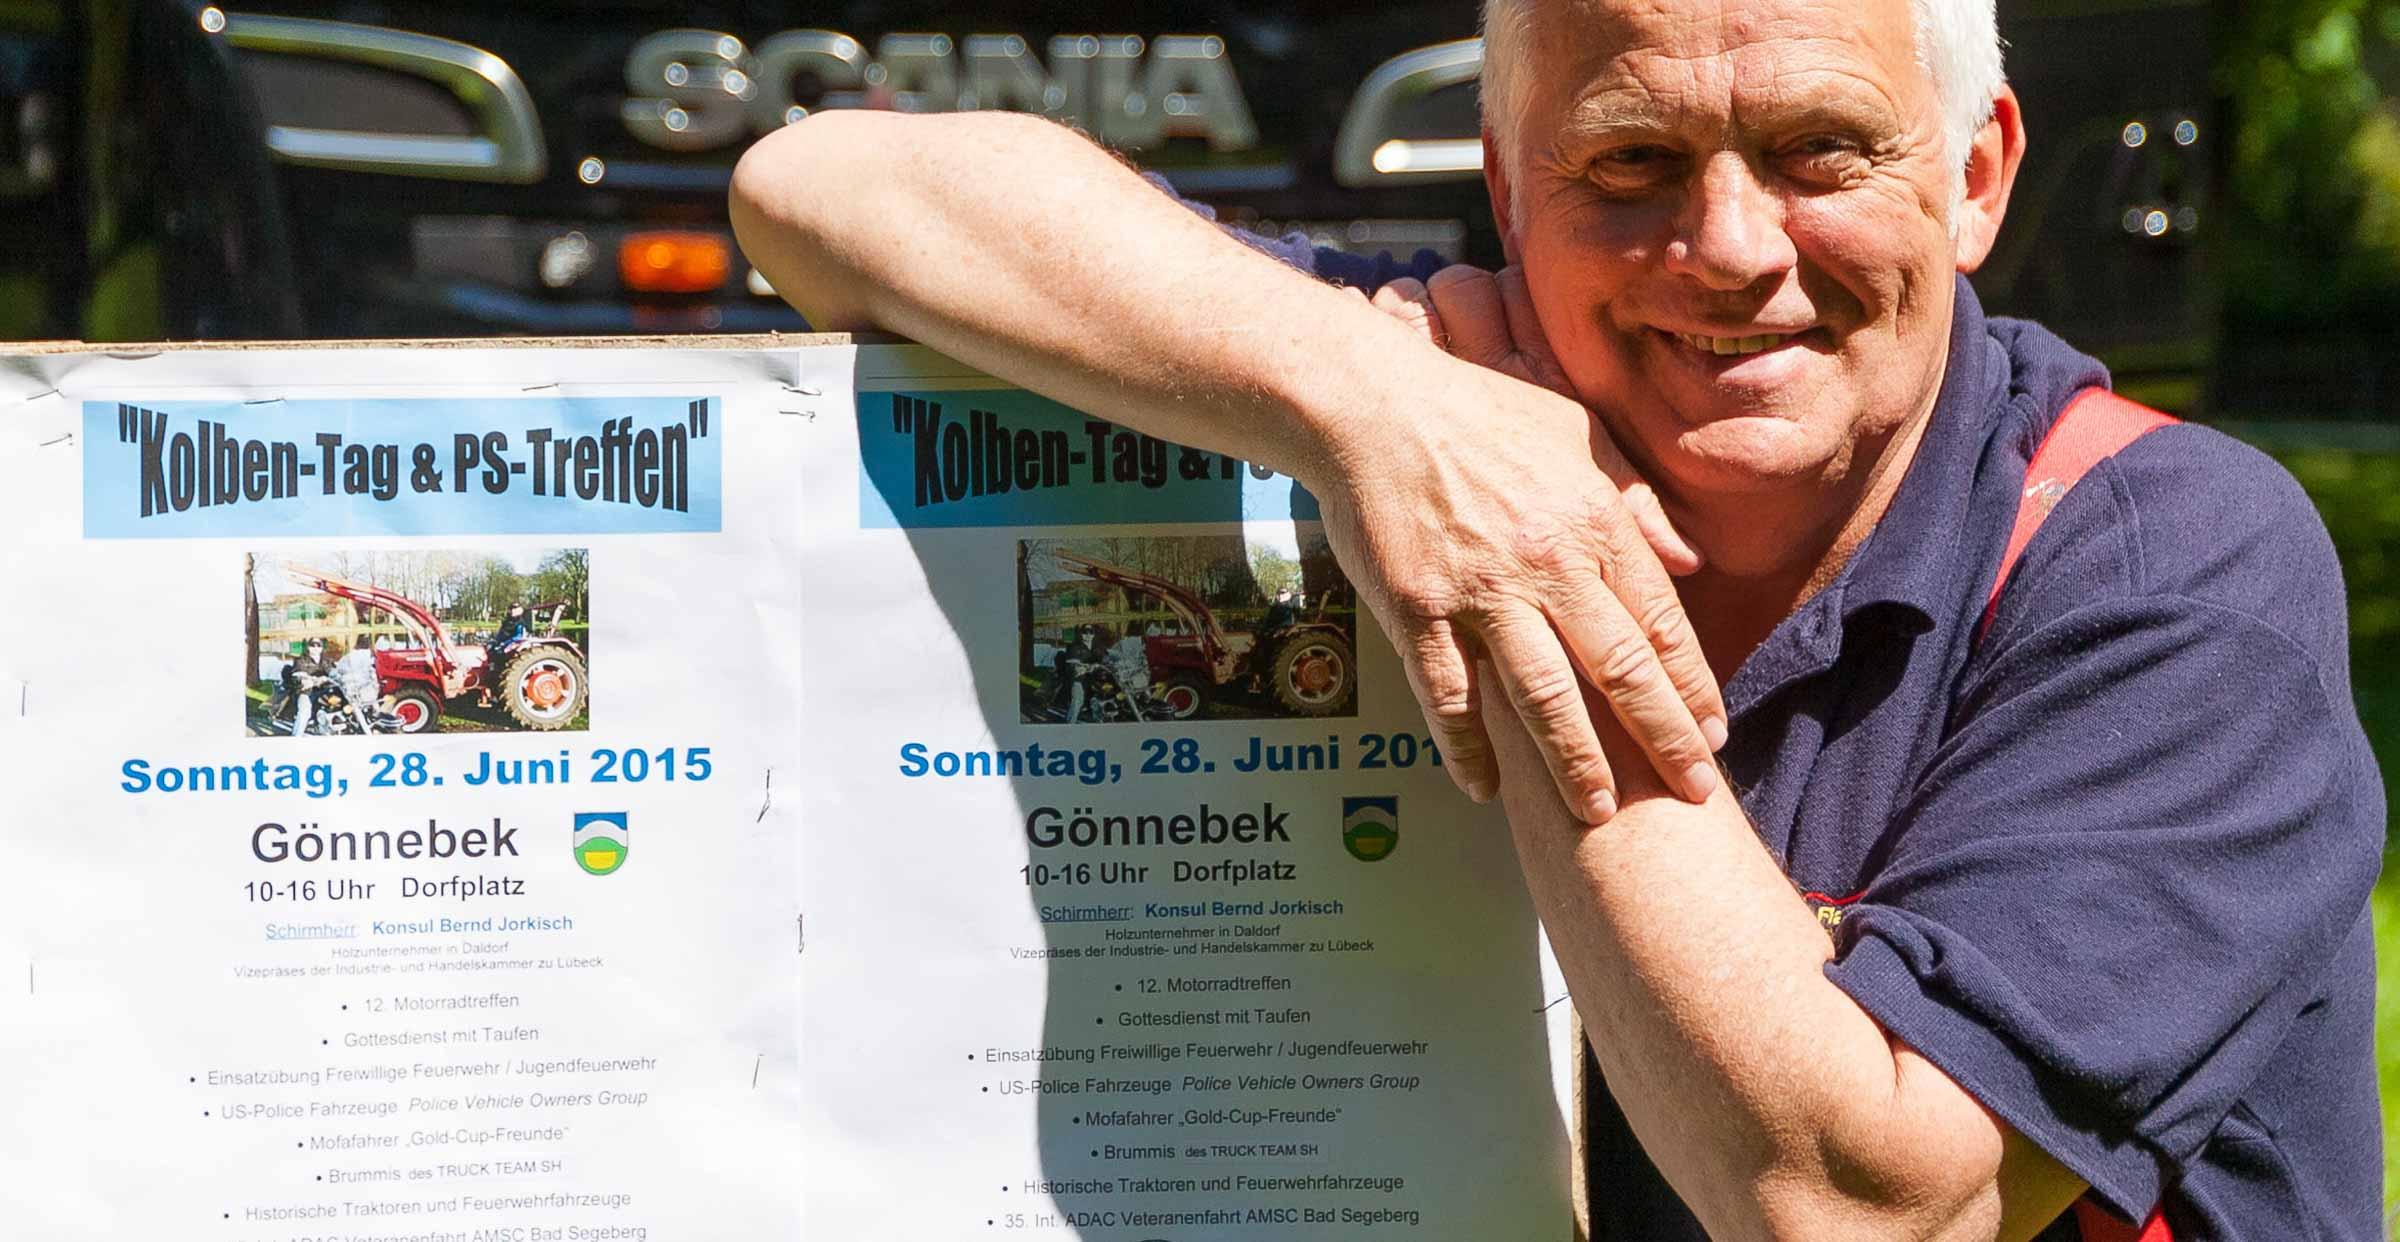 Oldies, Brummis und heiße Öfen.  Am 28. Juni laden die Feuerwehrbiker Flaming Stars zum 12. Motorradtreffen und zum 6. Freiluft-Gottesdienst auf den Gönnebecker Dorfplatz ein